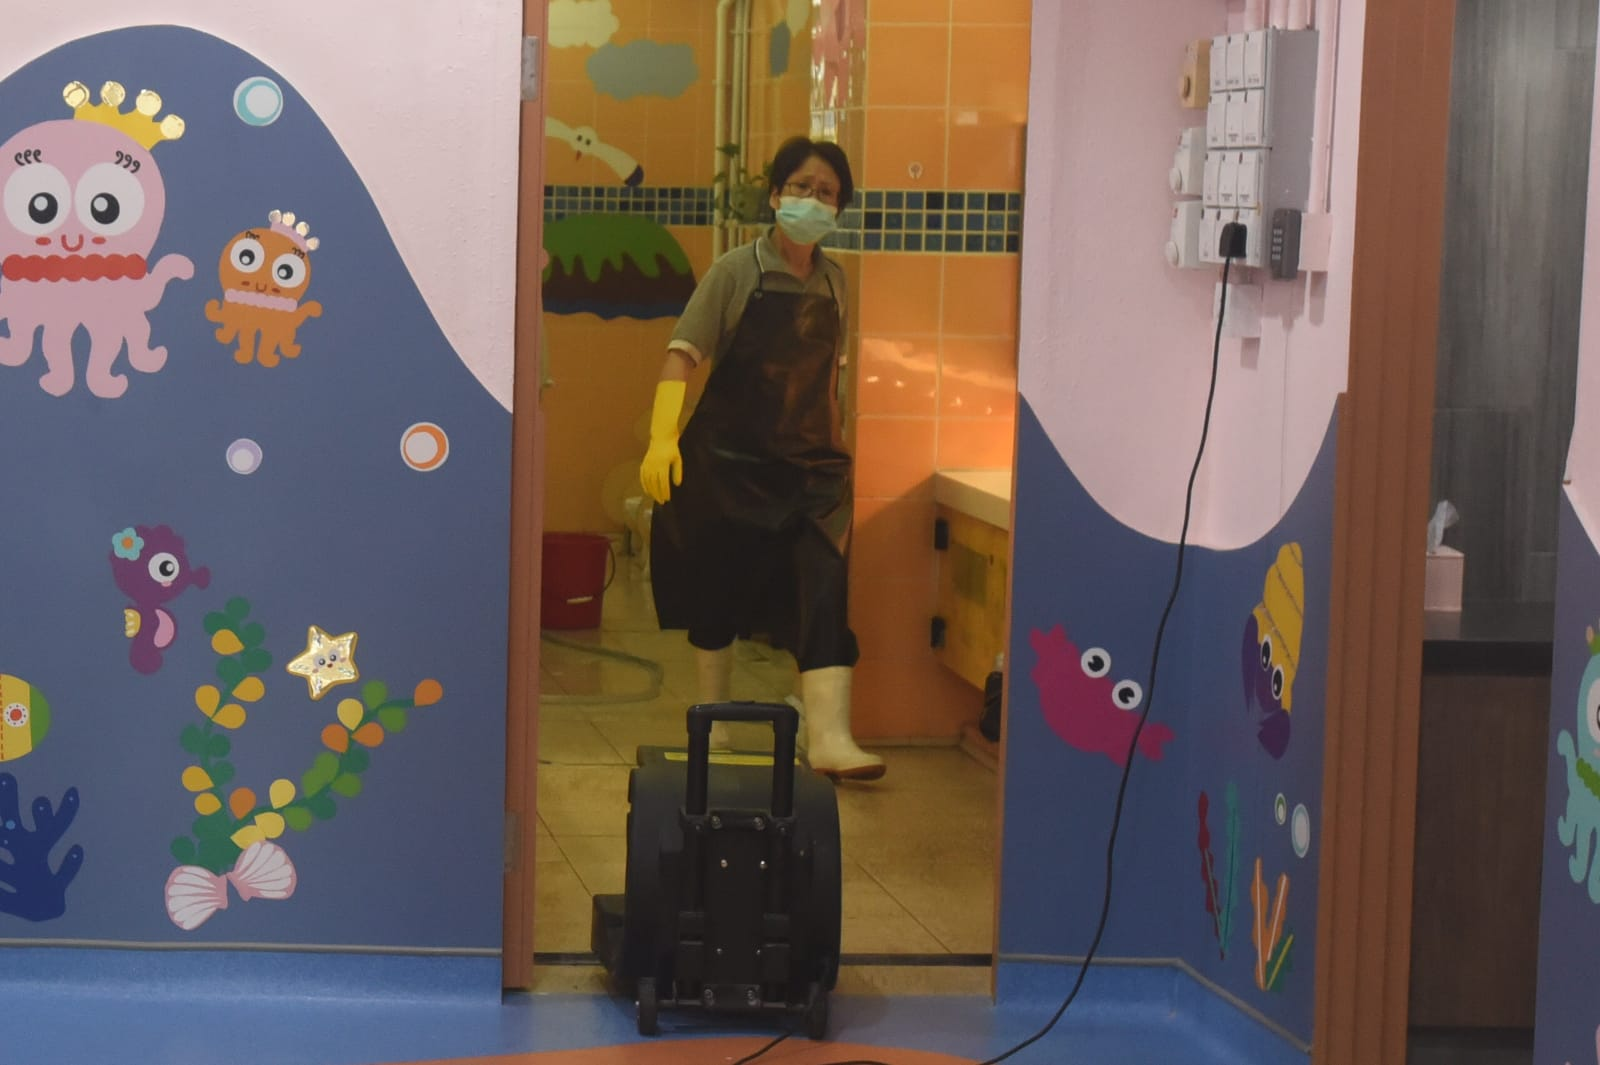 長沙灣幸福街1號一間幼兒園照常開學,校內有清潔工人加強清潔。